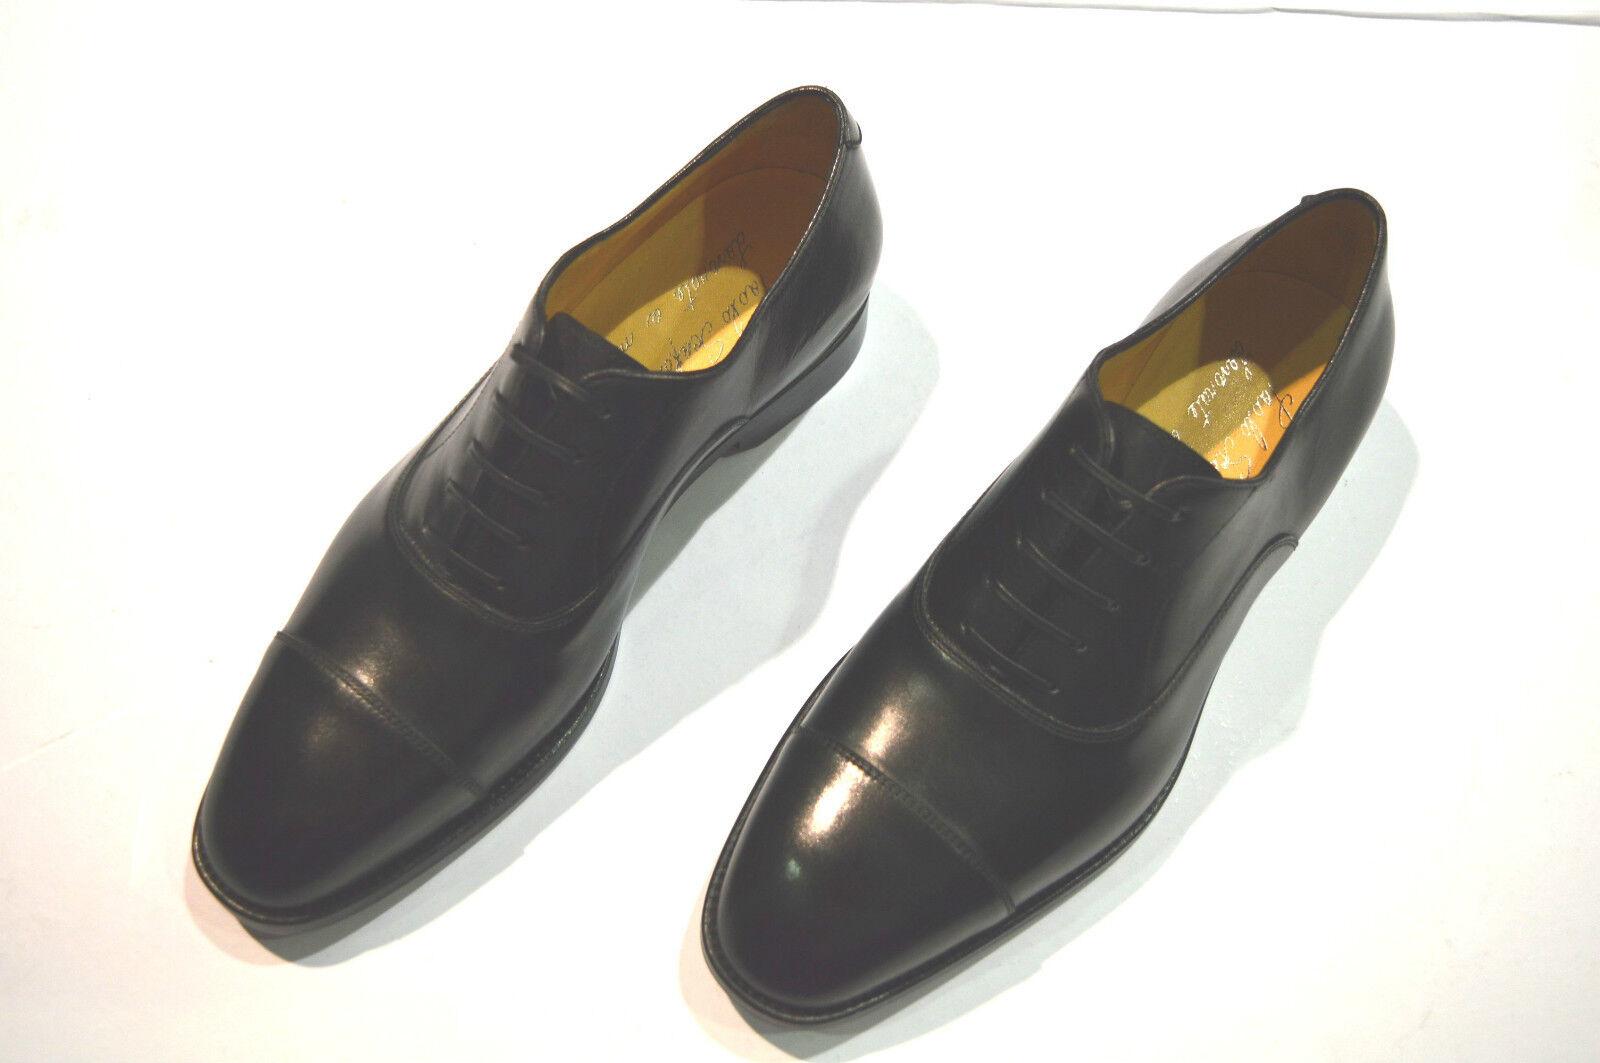 nuovo  PAOLO SCAFORA  Dress Leather  sautope Dimensione Eu 45 Uk 11 Us 12 (Cod 2) Sautope classeiche da uomo